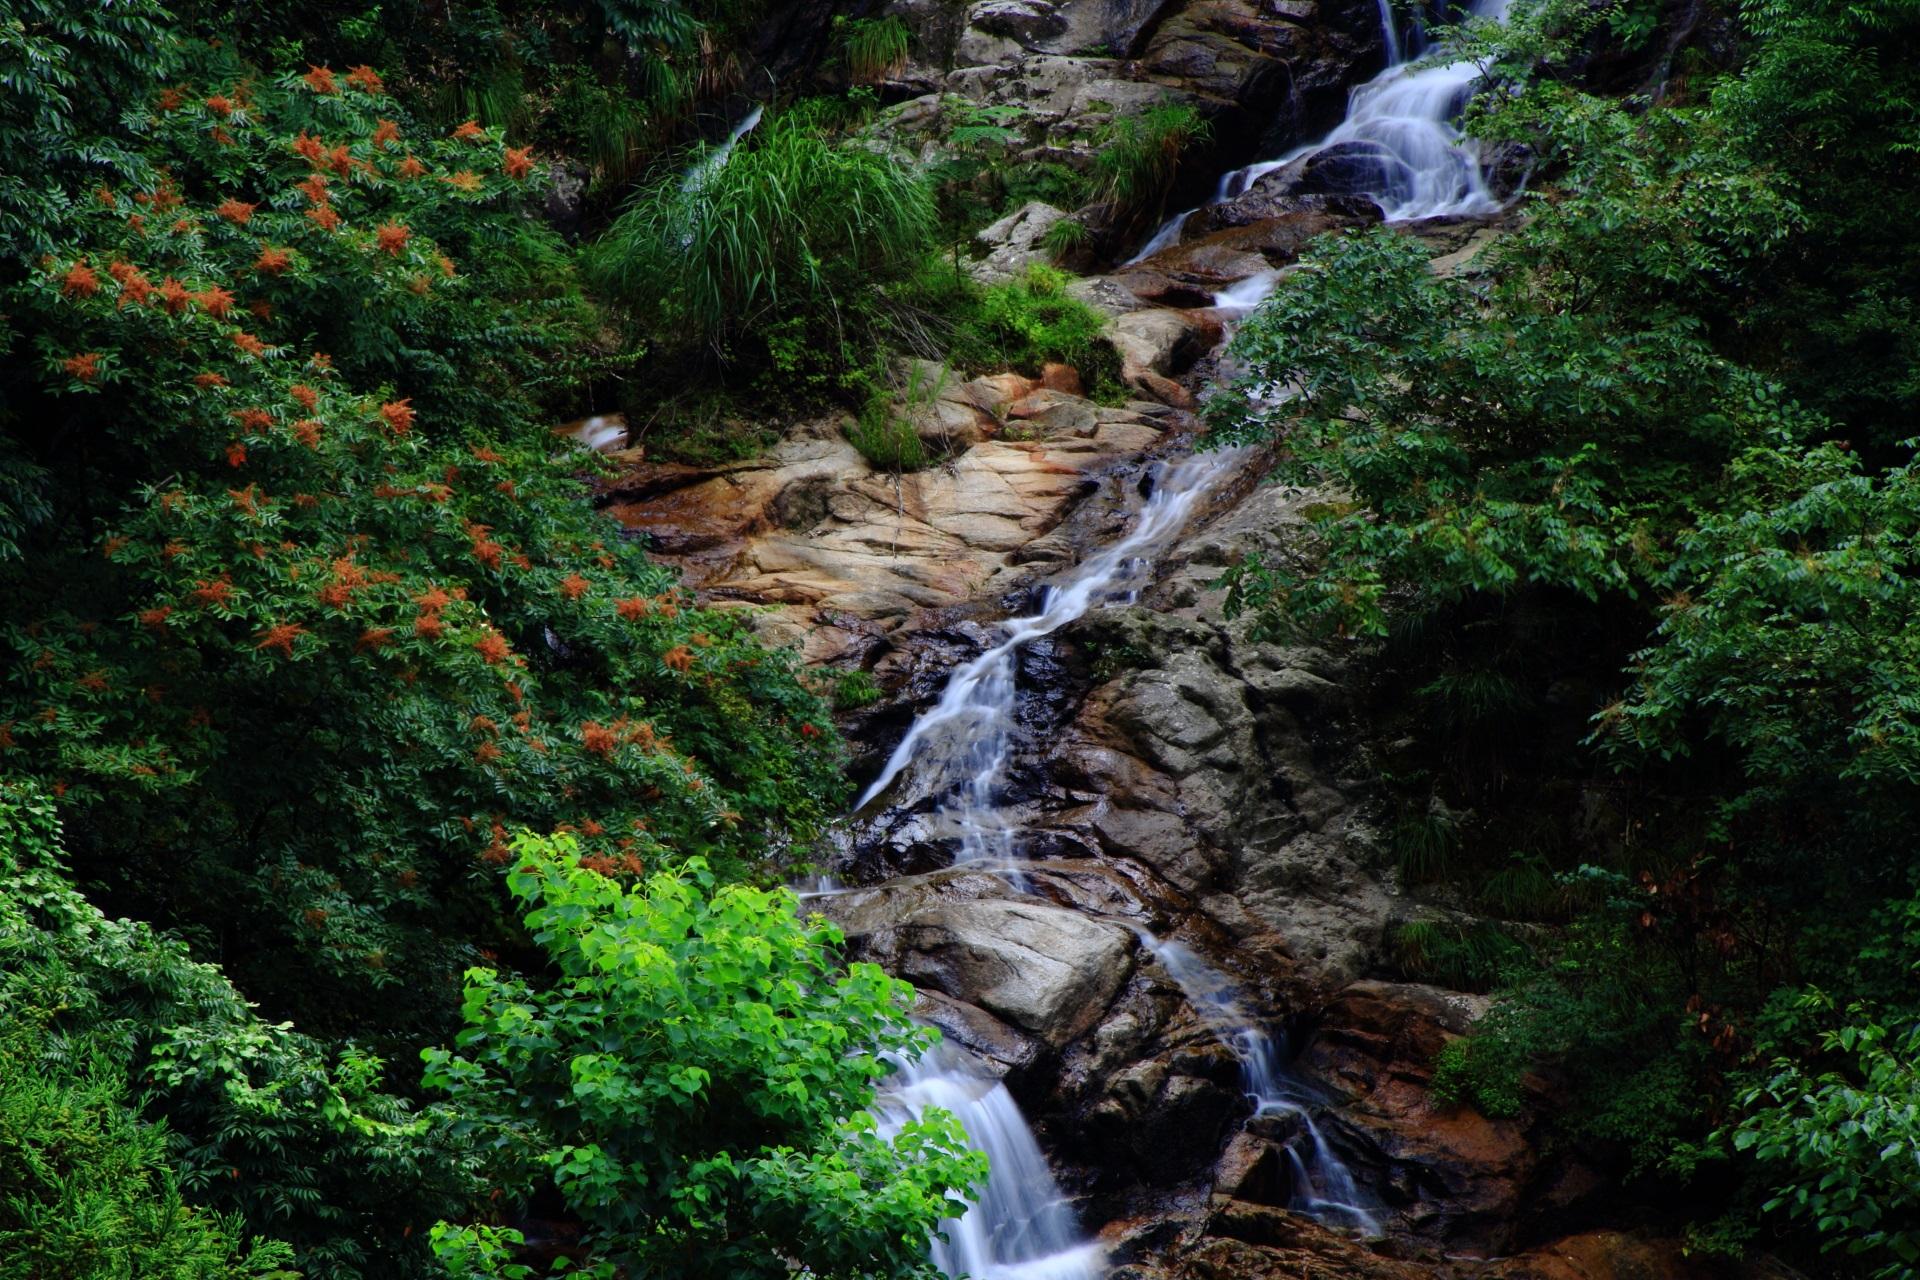 今福の滝の美しい緑と岩と水の流れ